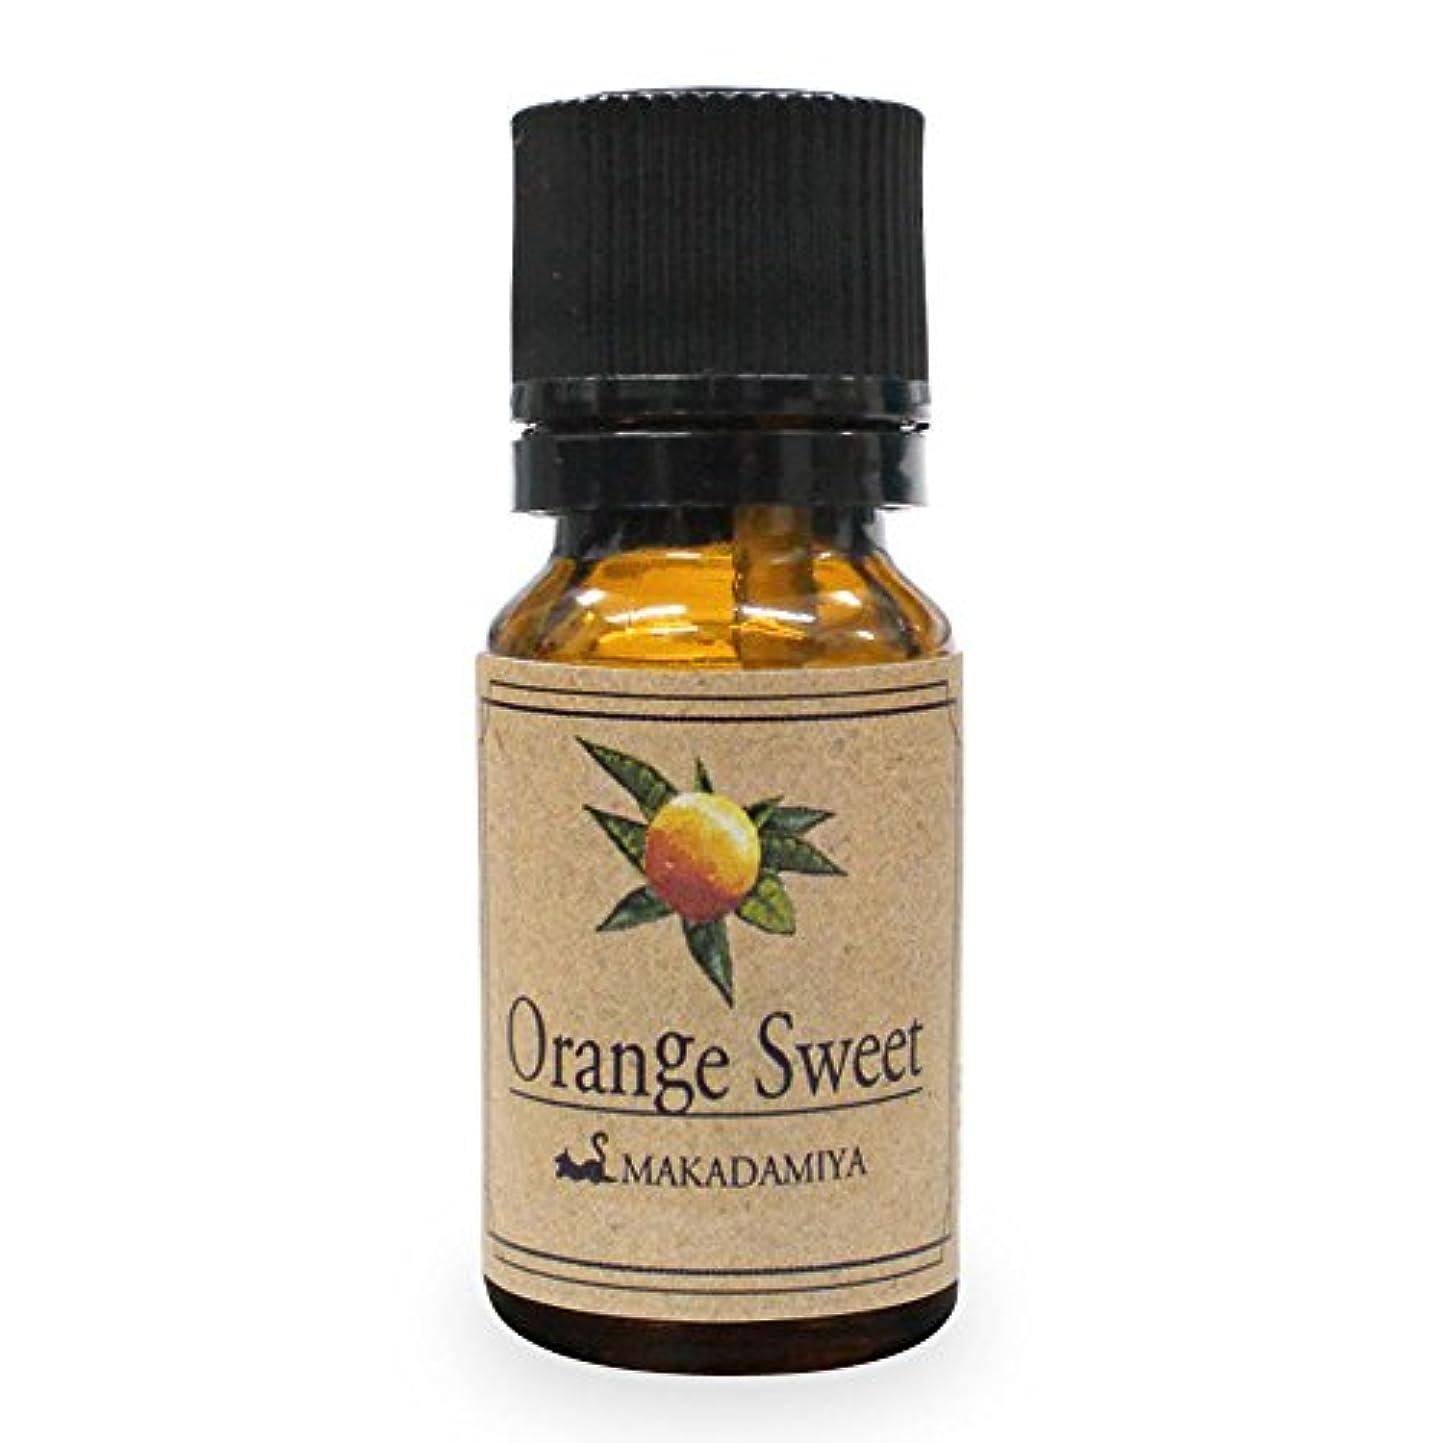 一口周術期儀式オレンジ?スイート10ml 天然100%植物性 エッセンシャルオイル(精油) アロマオイル アロママッサージ aroma Orange S.